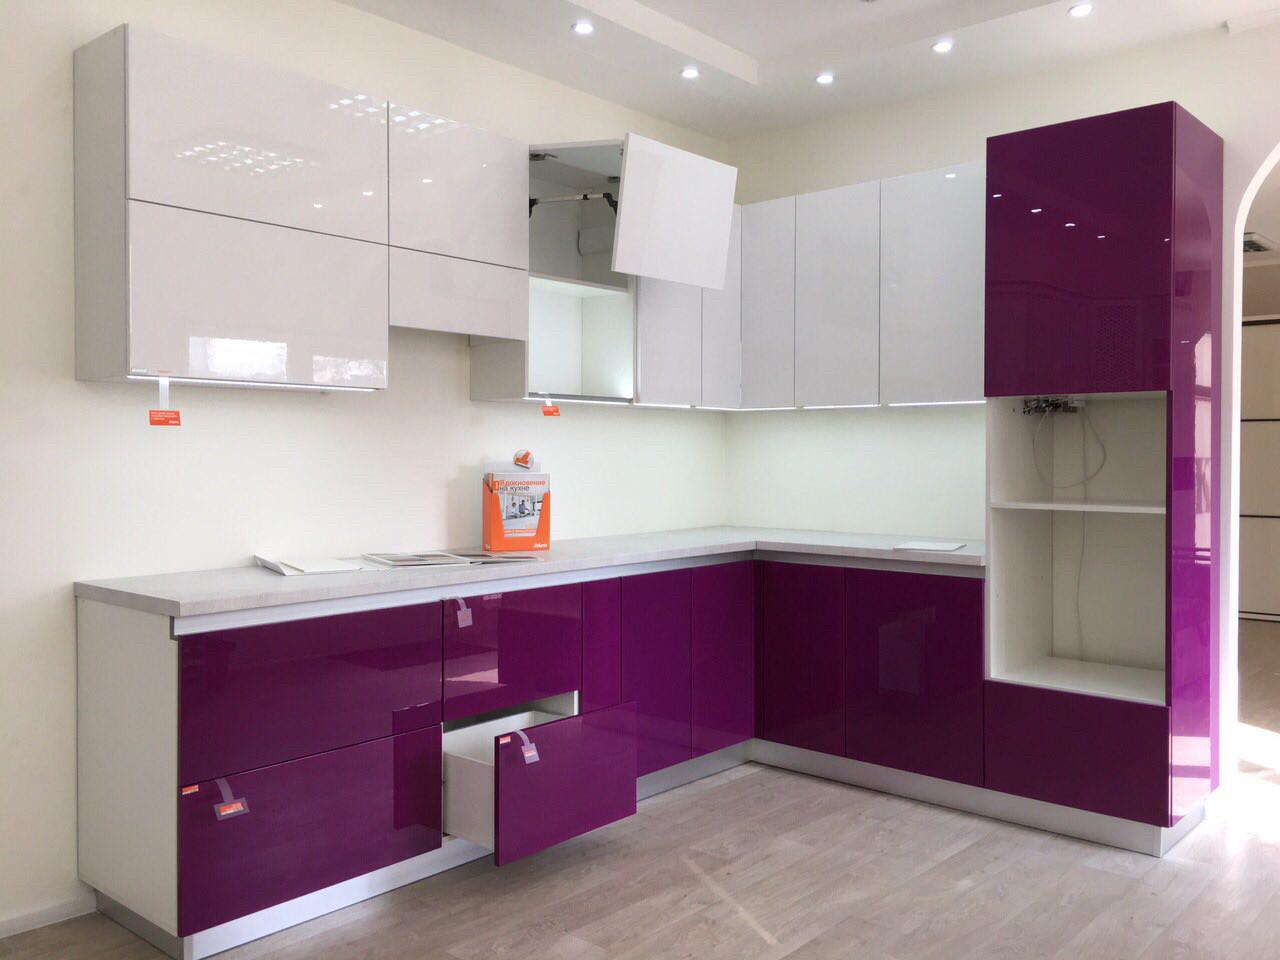 Кухня на заказ с фиолетовыми фасадами с Выставки